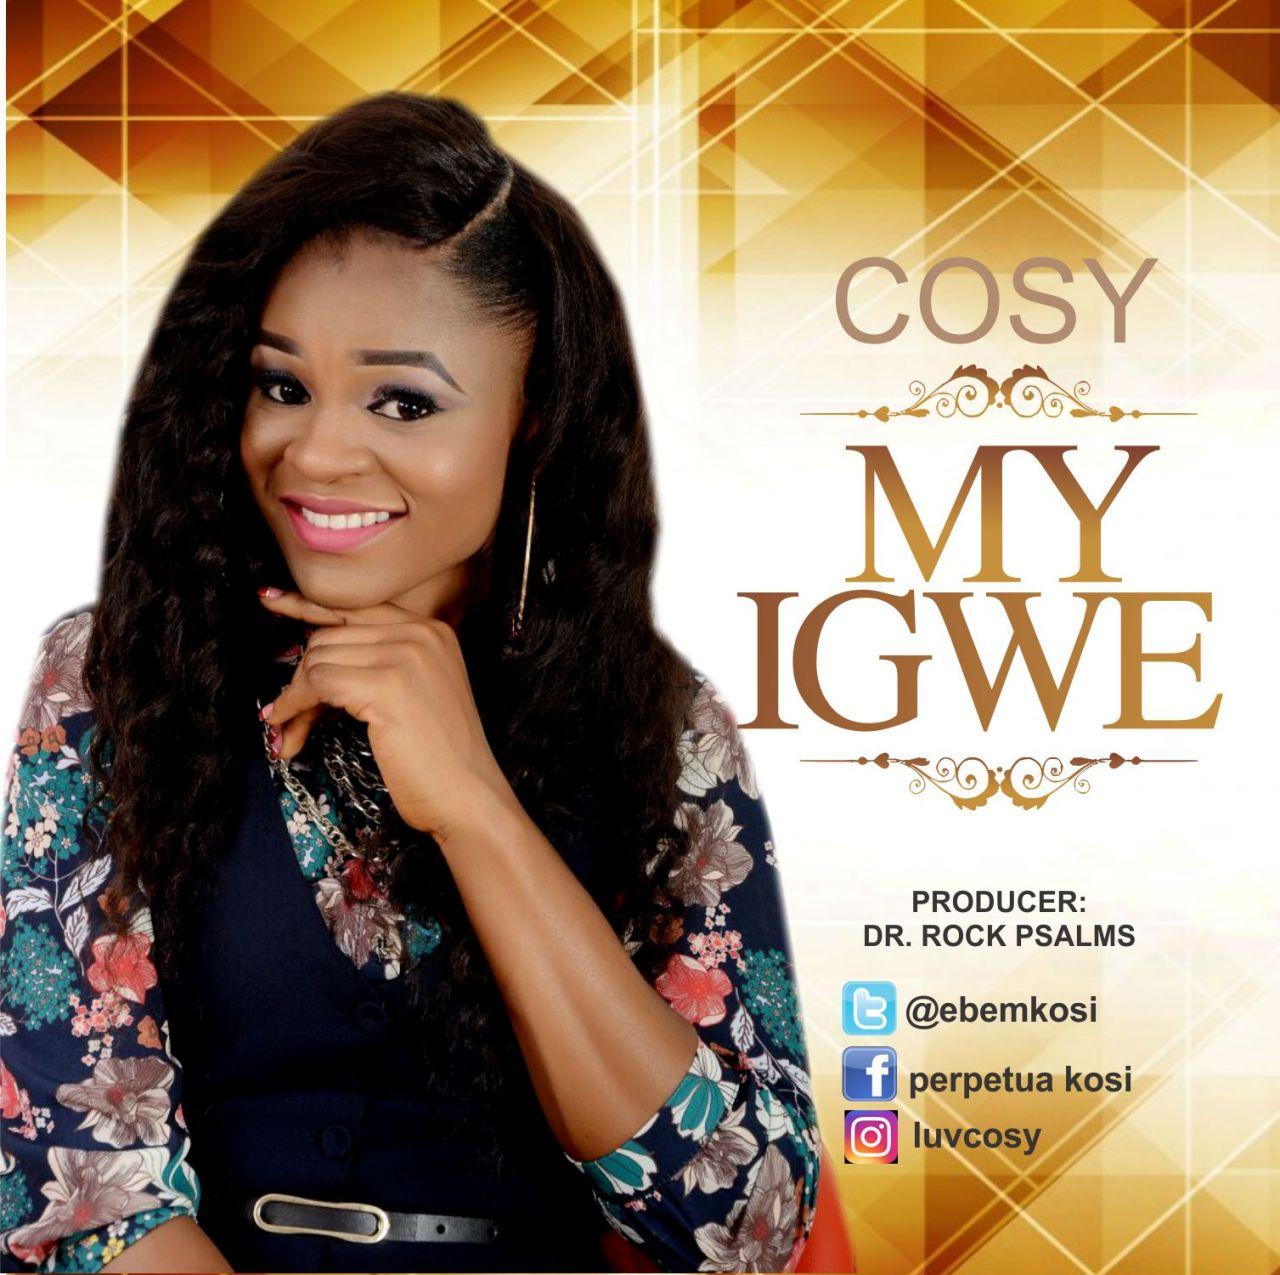 My Igwe